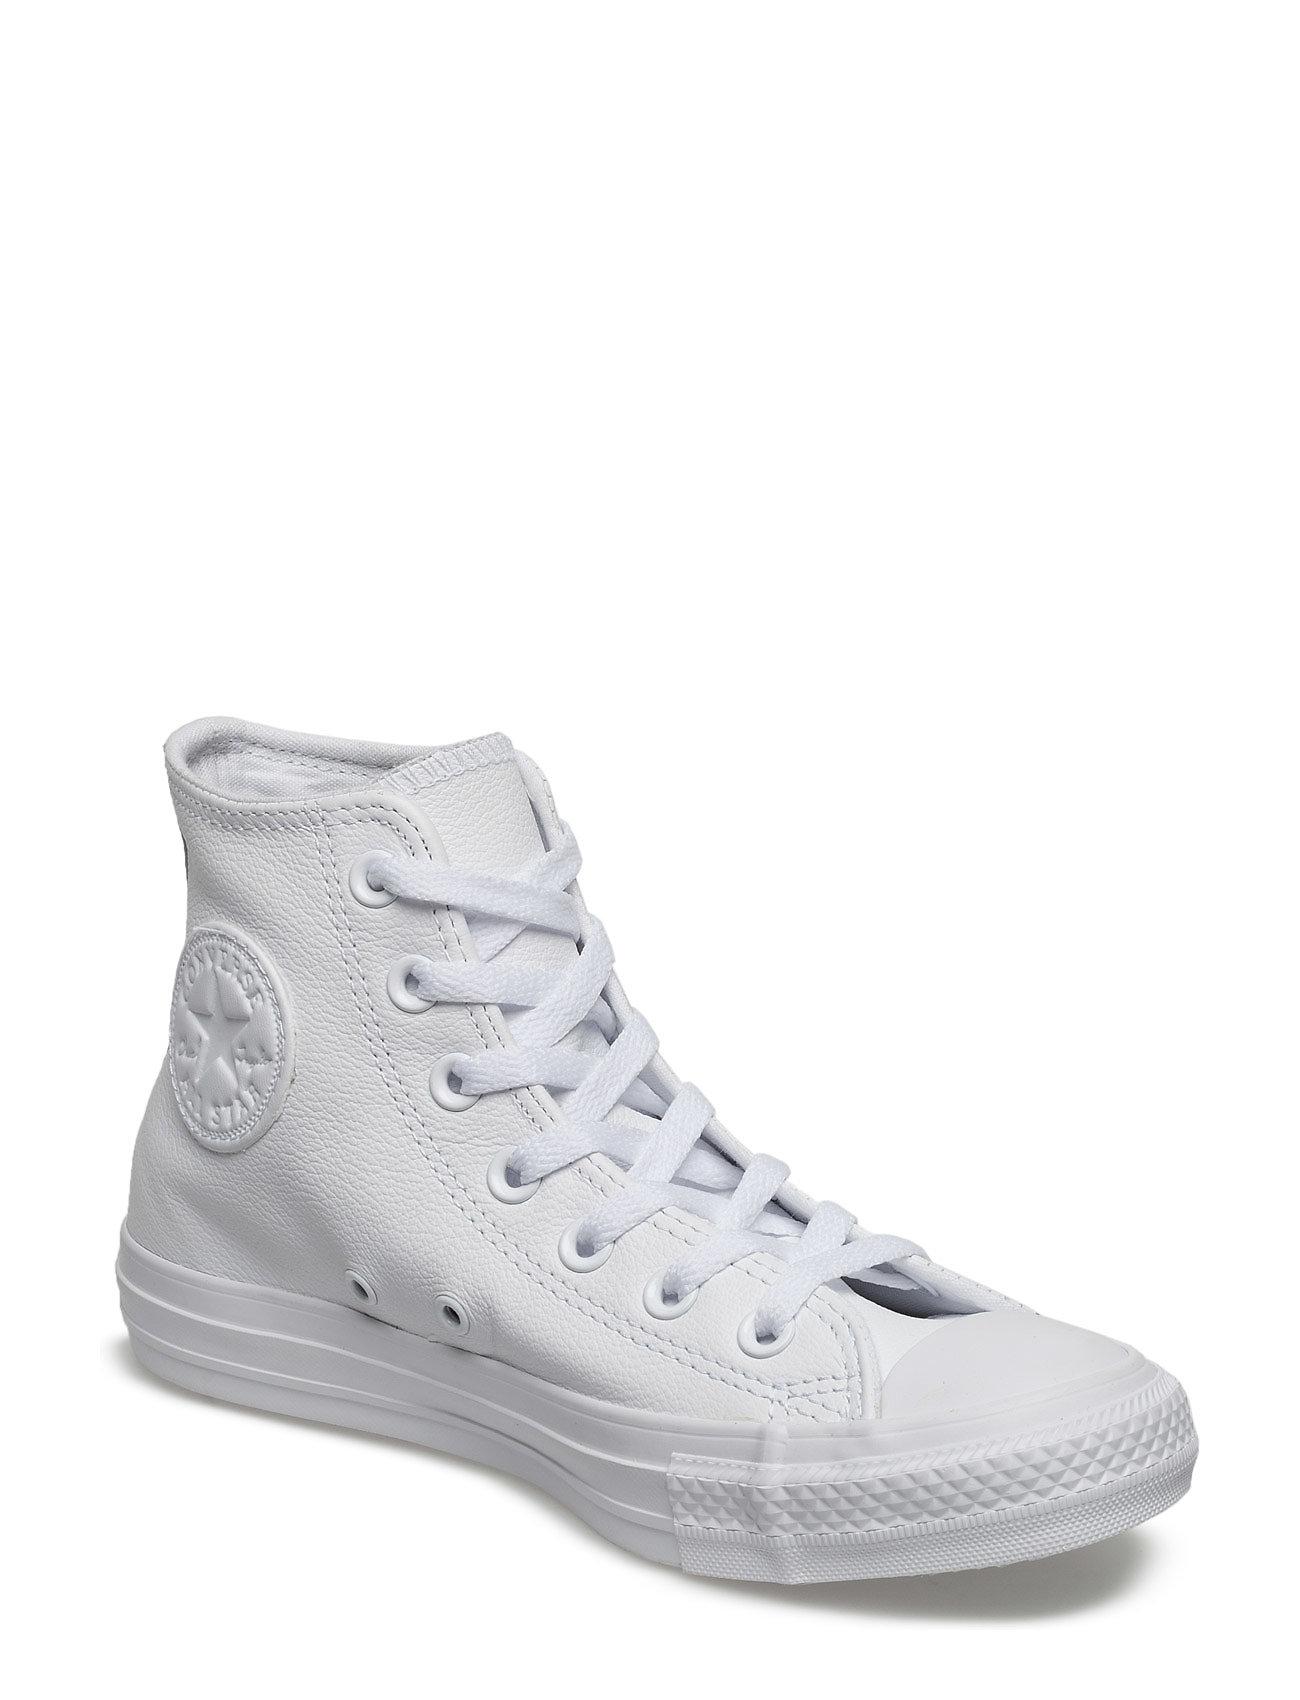 Ct A/S Lthr Hi Wht Monoch Converse Sneakers til Herrer i hvid